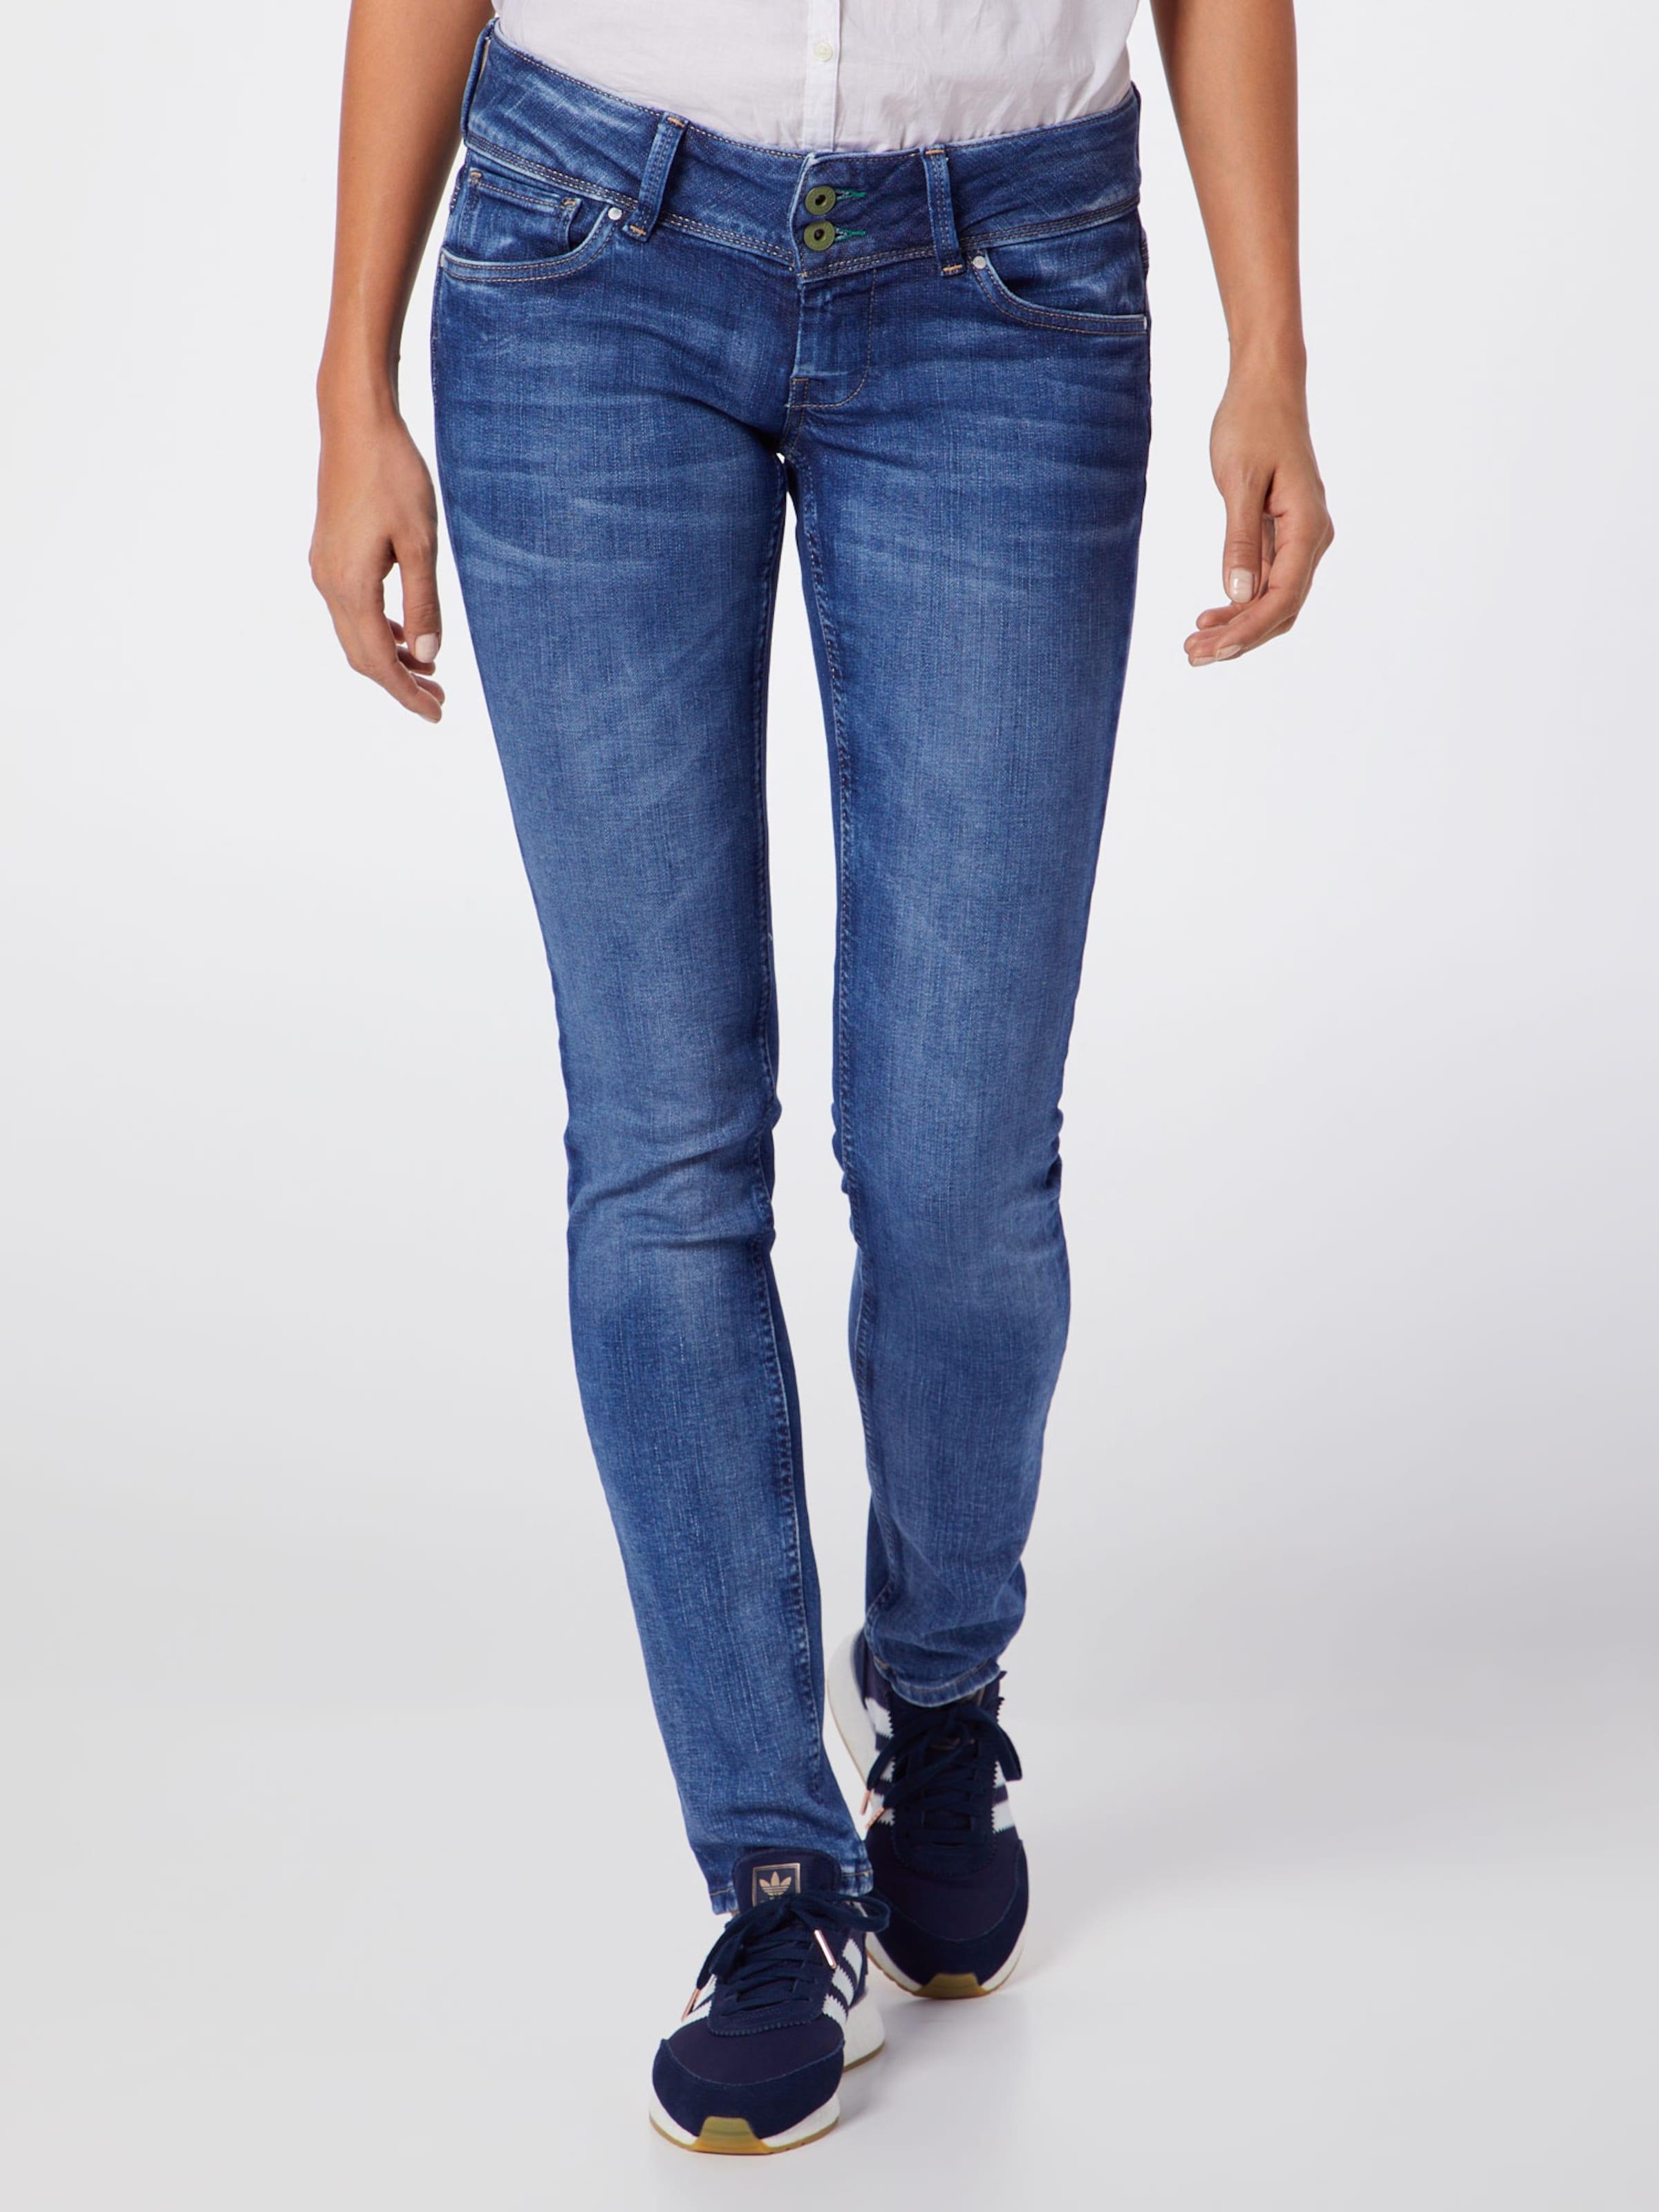 Jean Jeans Bleu Pepe Denim 'vera' En m8w0NOvn